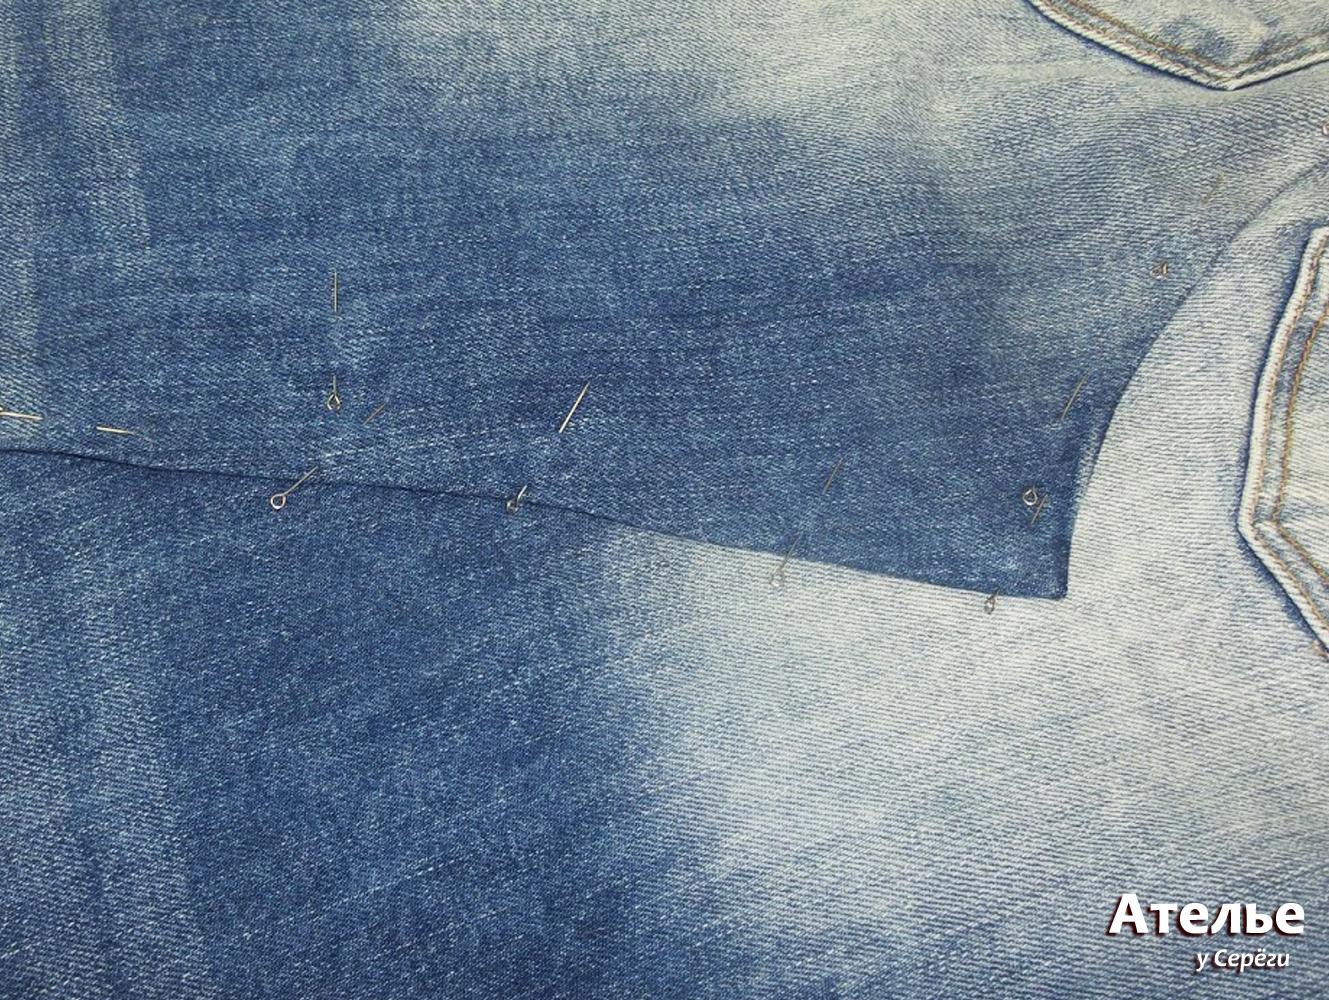 Юбка из джинсов - готовим швы к отделочной строчке.